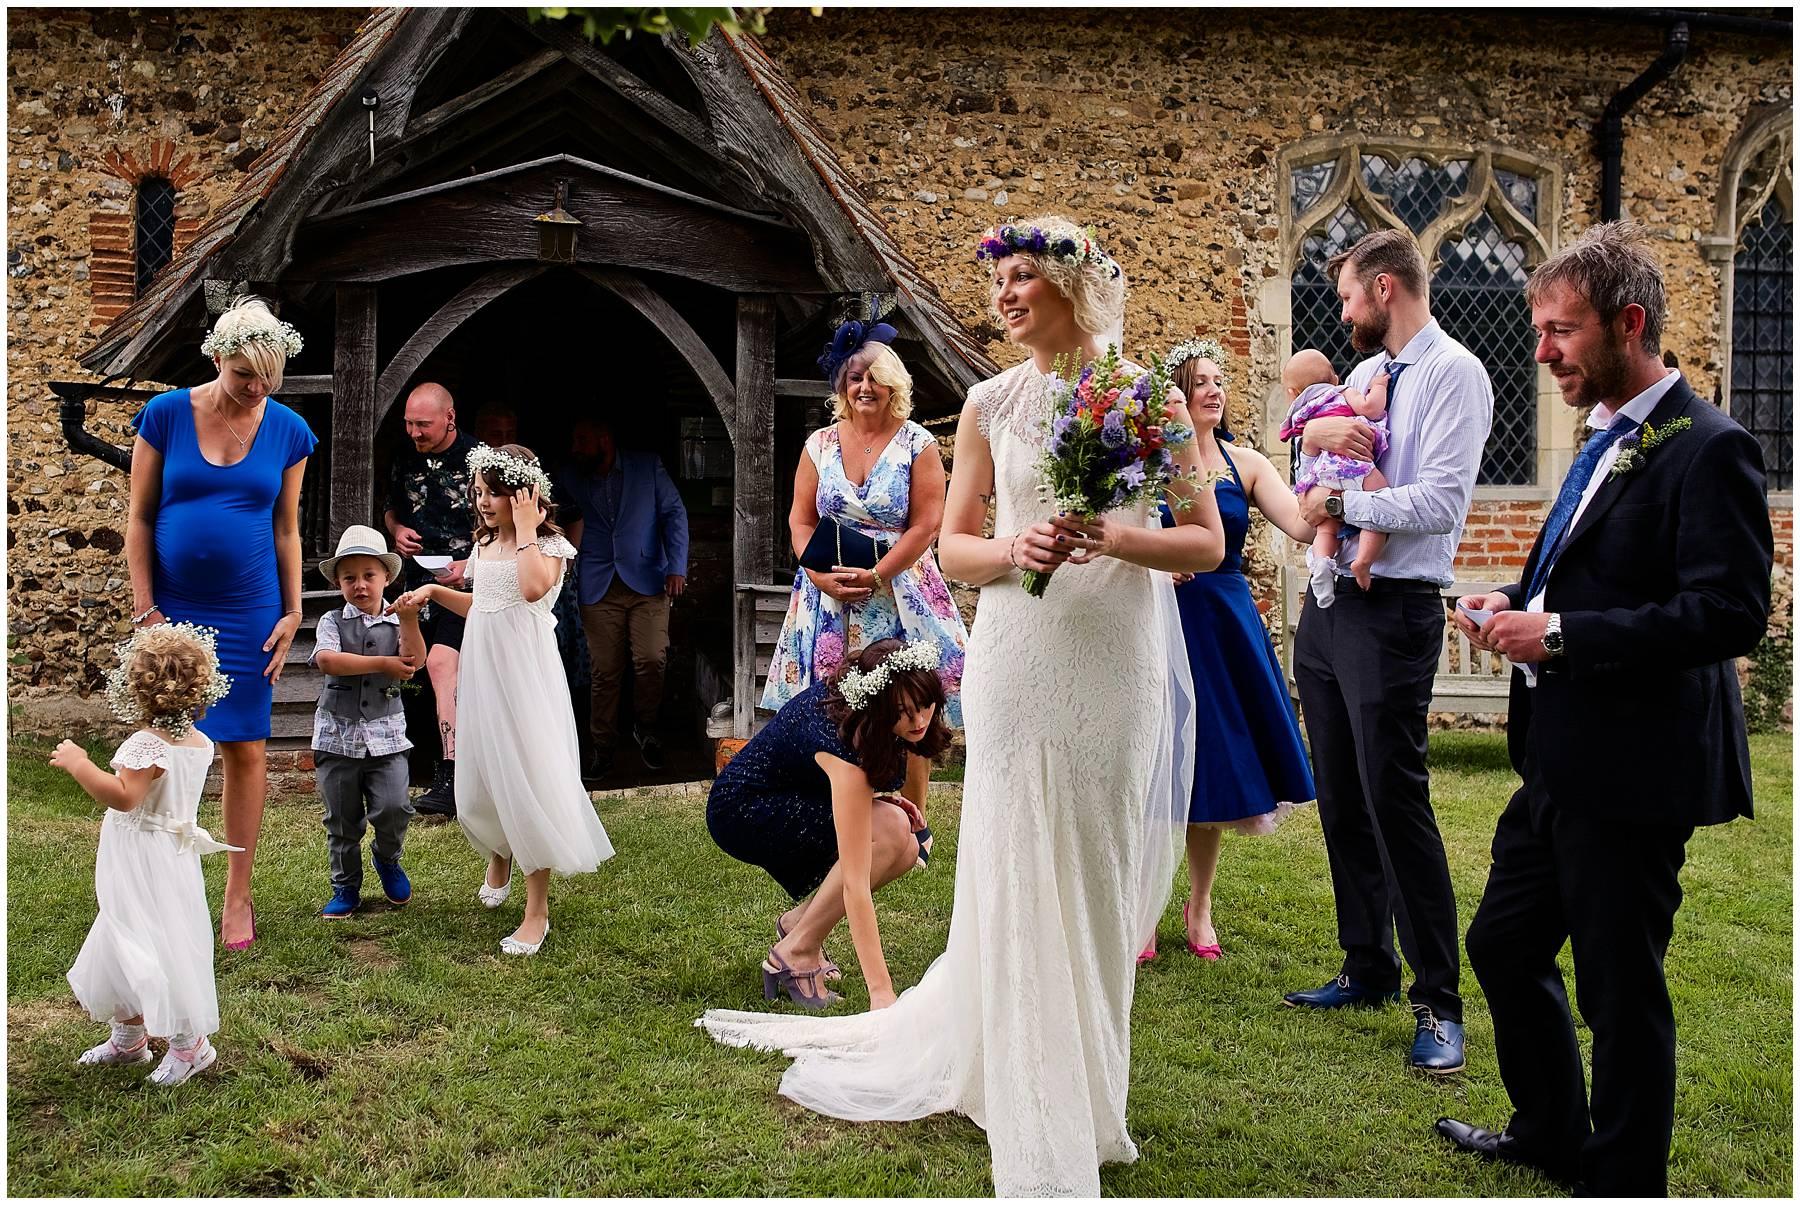 Festival bride at church wedding in Essex